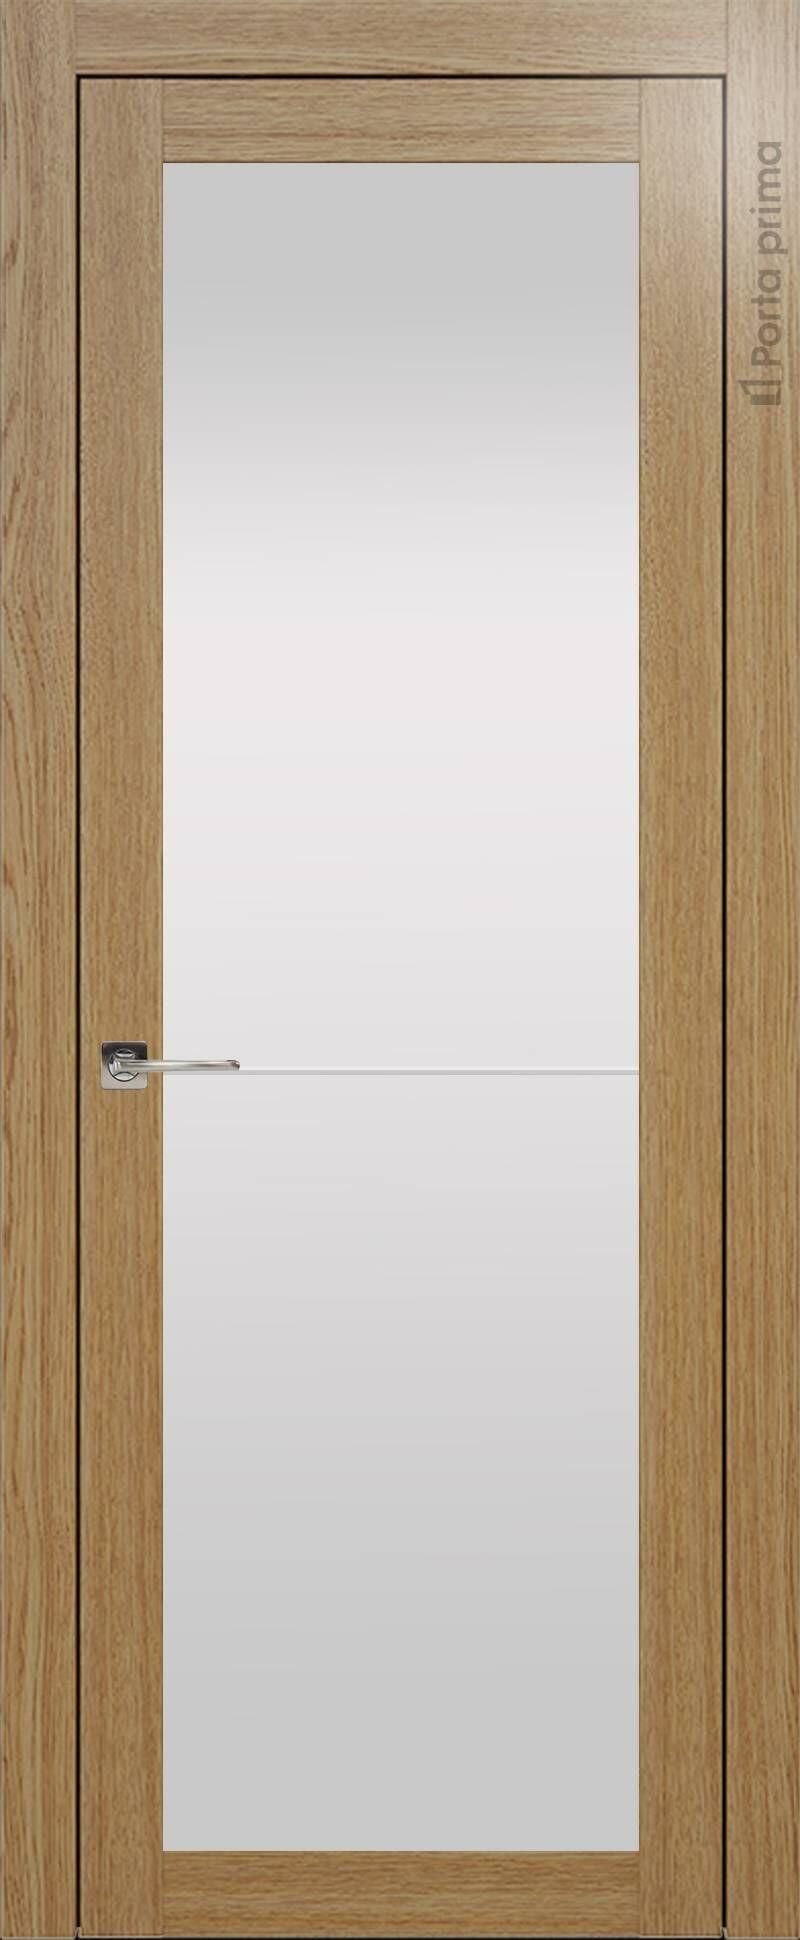 Tivoli З-2 цвет - Дуб карамель Со стеклом (ДО)